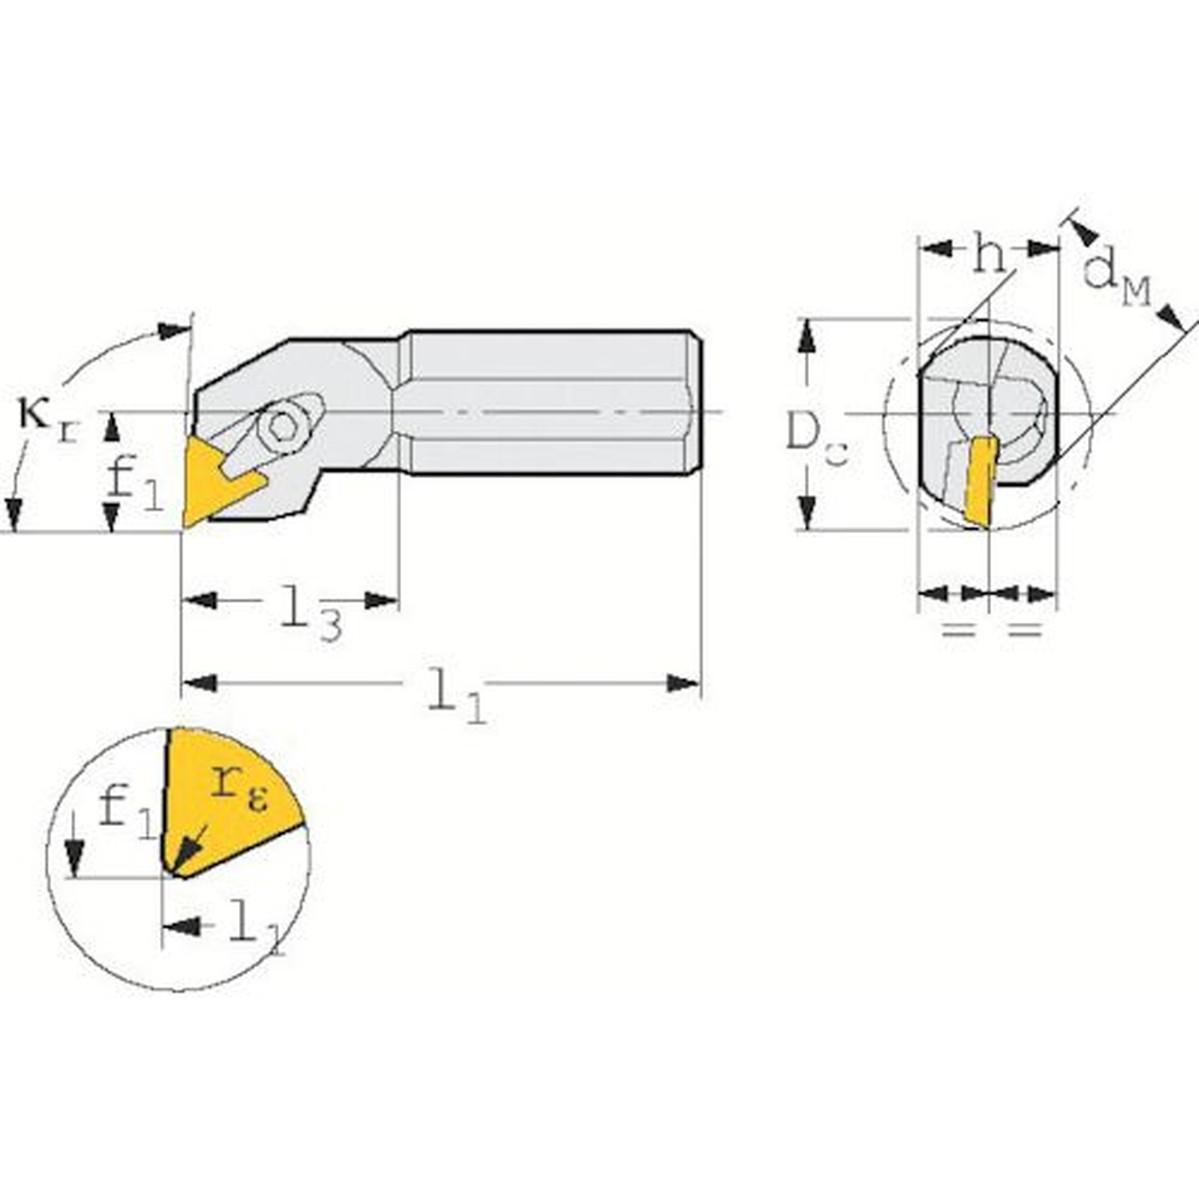 お買い得モデル サンドビック T-Max サンドビック S 1個 ポジチップ用ボーリングバイト S 1個, 毛糸と手芸のみいみ:53dfb261 --- zhungdratshang.org